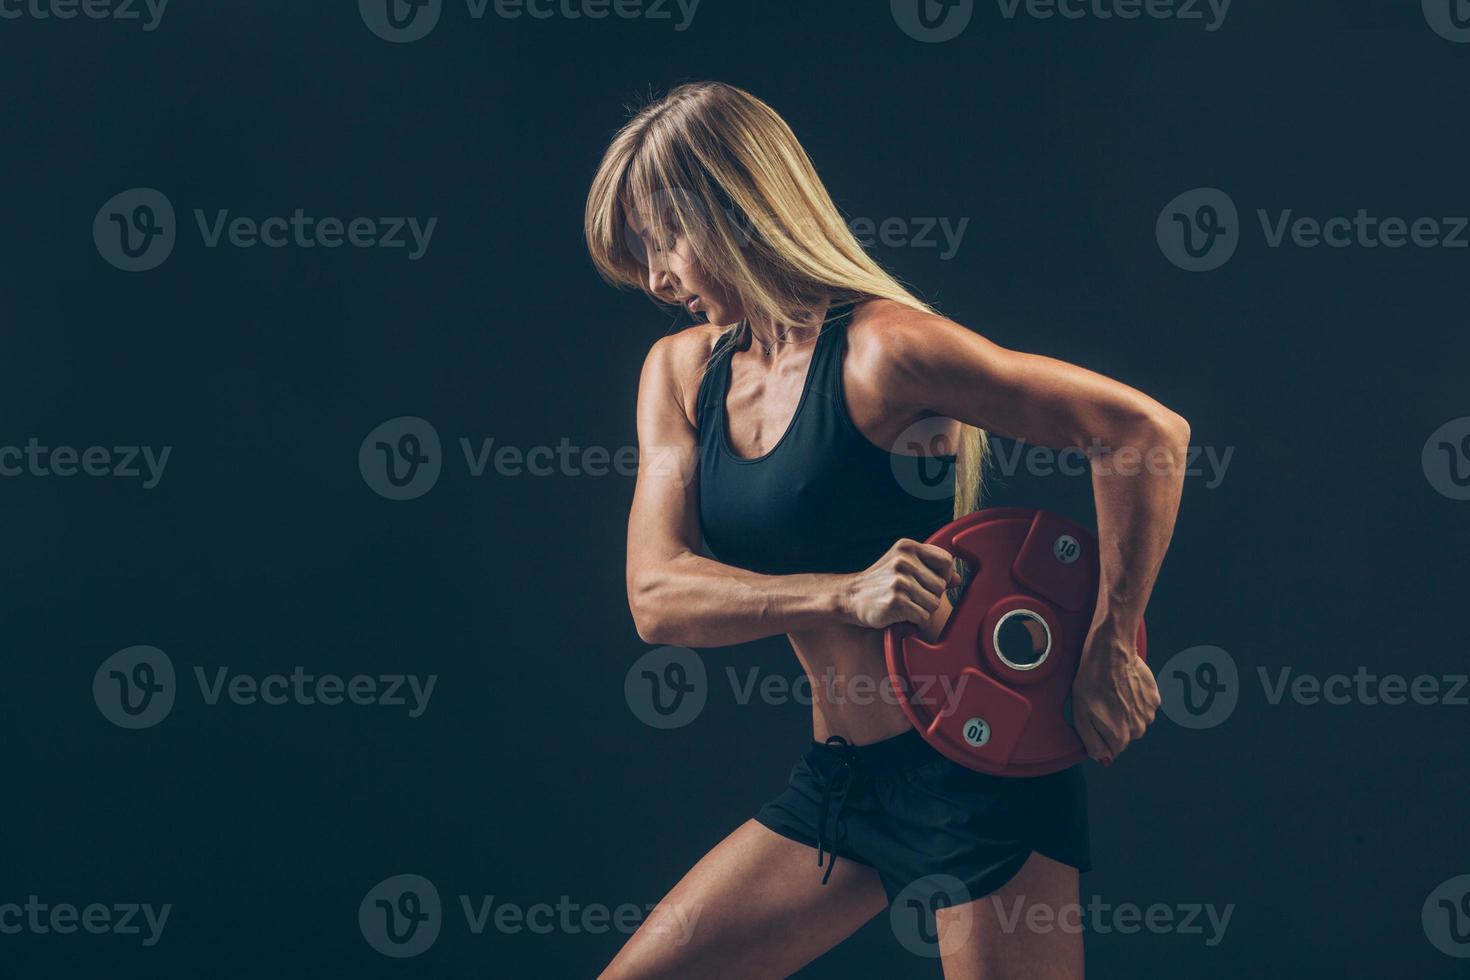 fitness vrouw die gewichtheffen doet door zware gewichten op te heffen foto